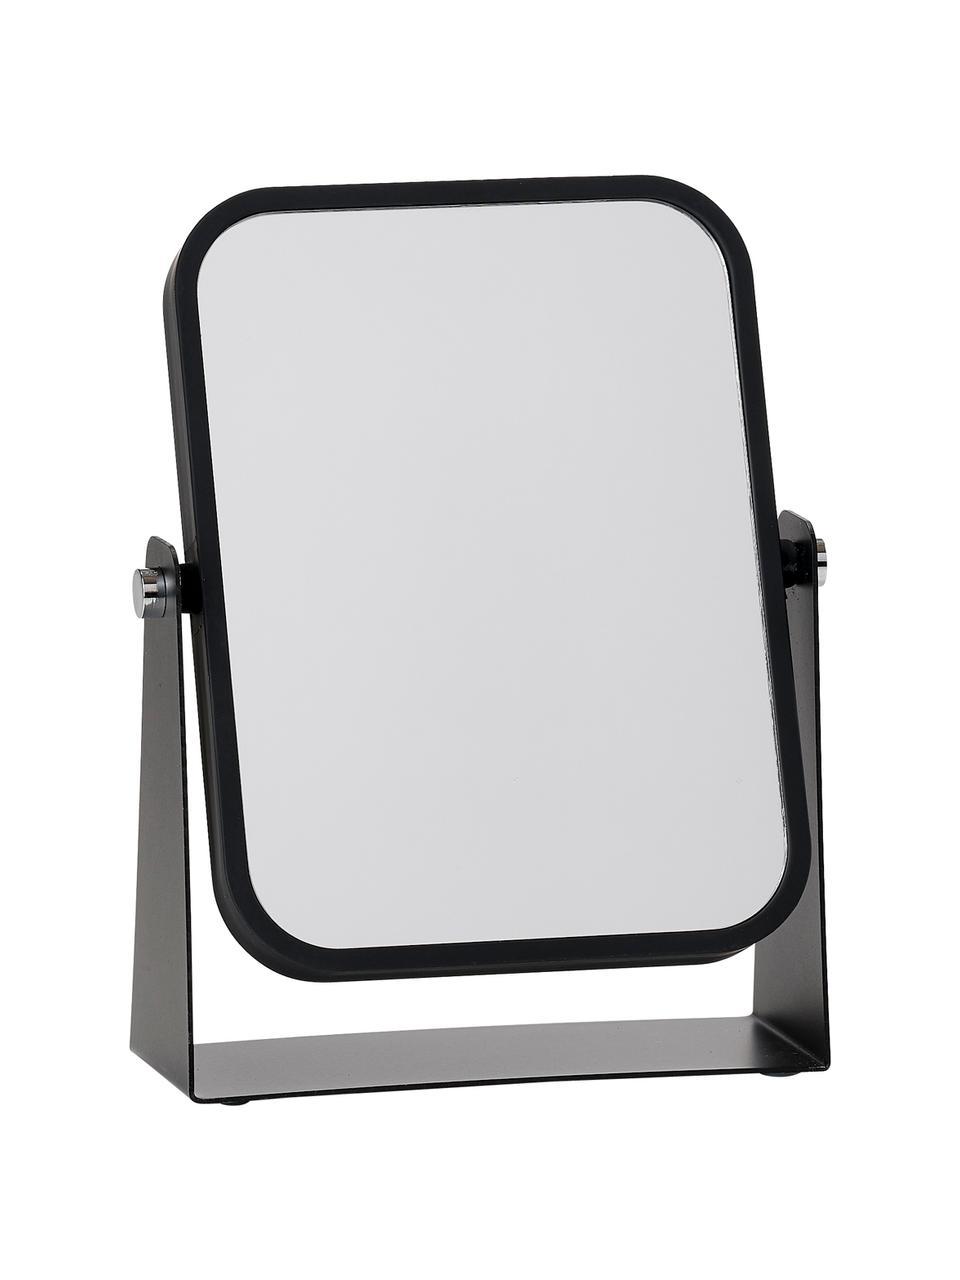 Lusterko kosmetyczne z powiększeniem Aurora, Rama: czarny Lustro: szkło lustrzane, S 15 x W 21 cm